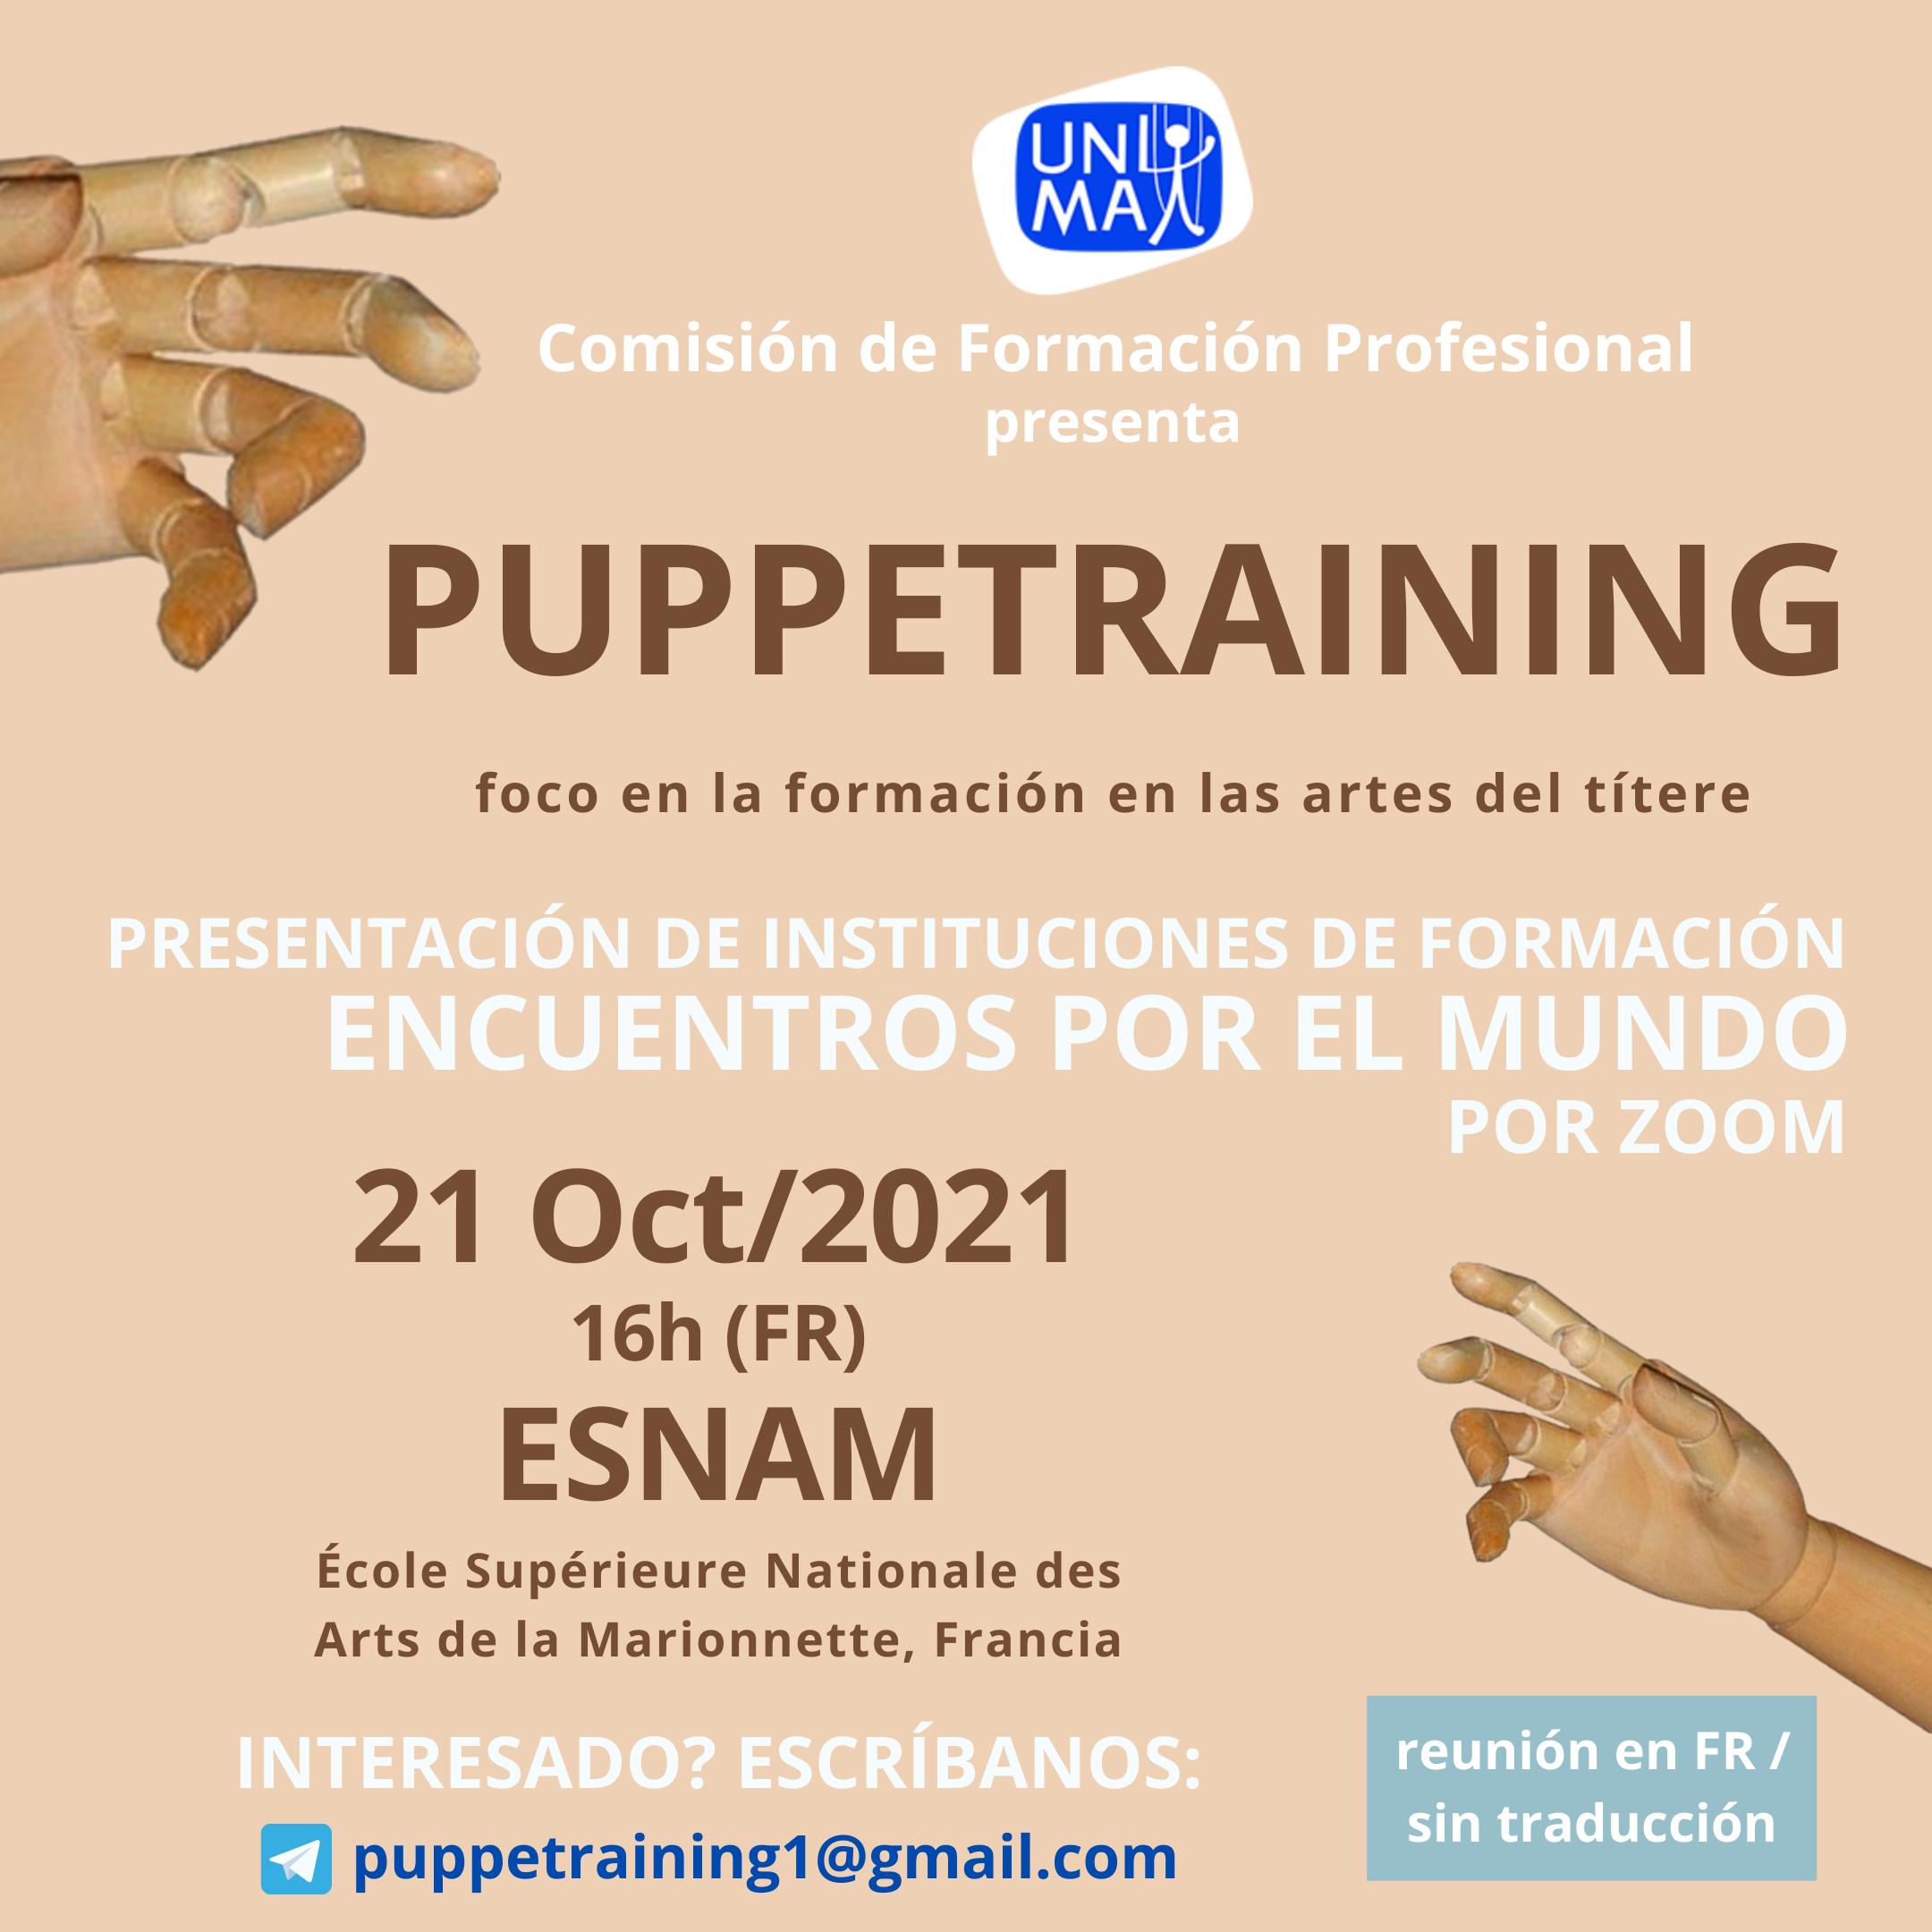 Puppetraining - Poniendo el foco en la formación profesional en las artes del títere